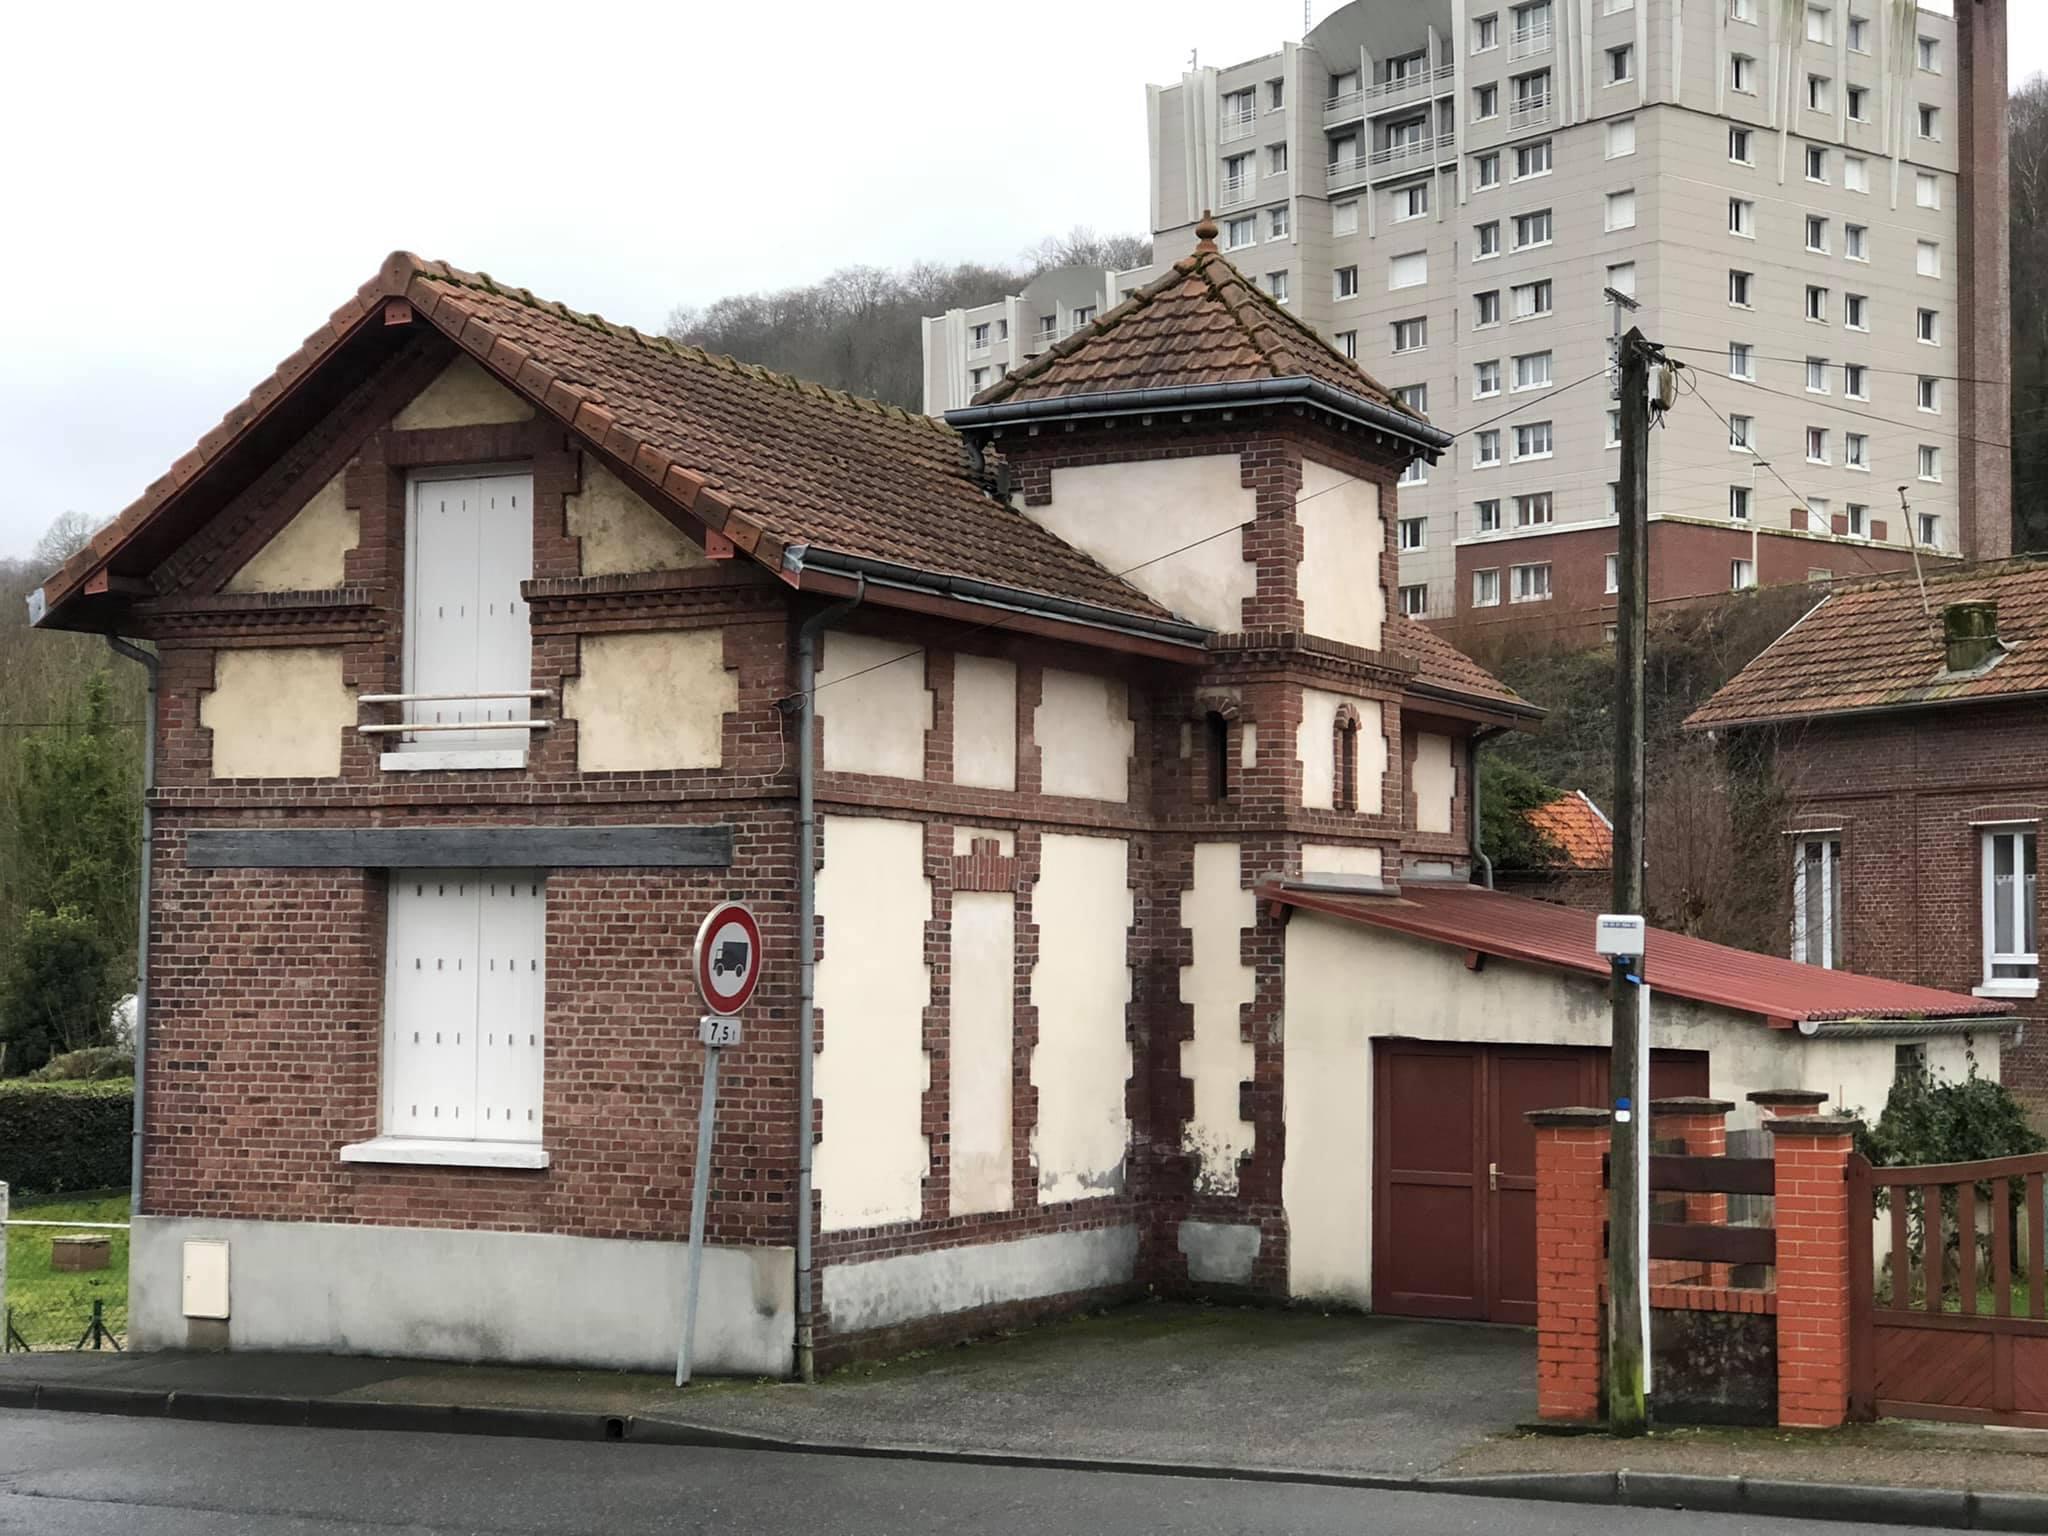 mooie-week-rondje-Paris-Rouen-Macon-Colmar-29-1-2021-(3)